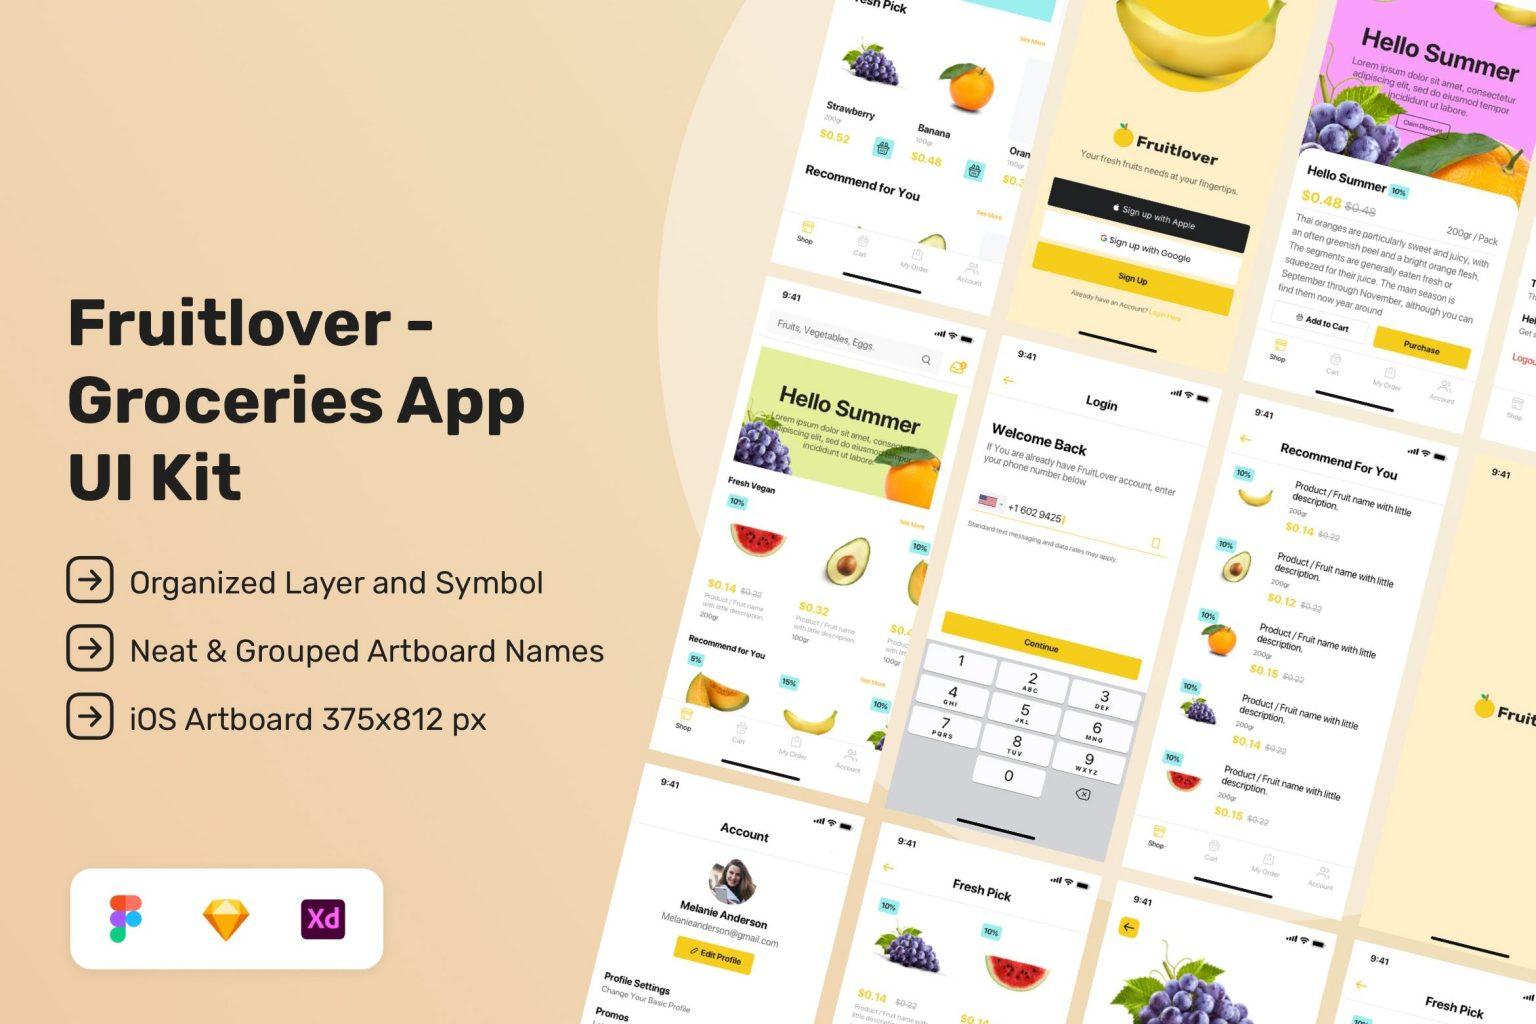 Fruitlover – Groceries App UI Kit